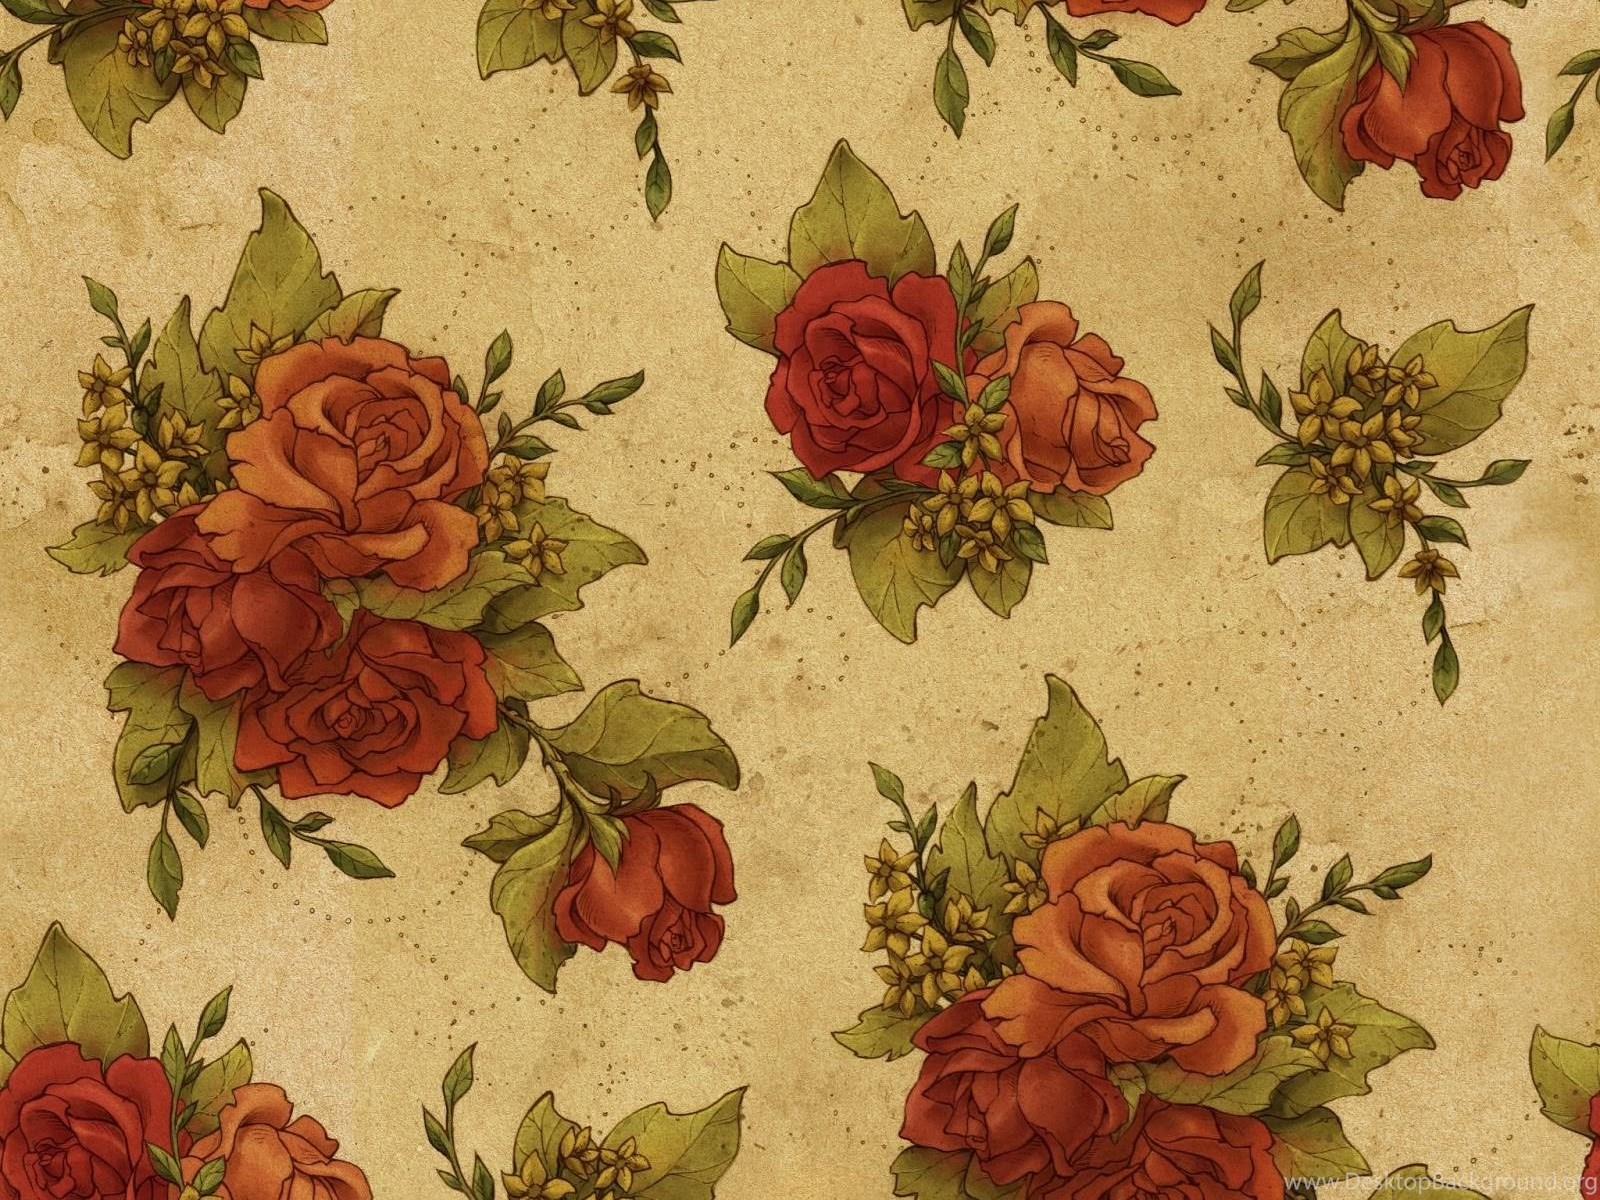 Download 15 Free Floral Vintage Wallpapers Desktop Background